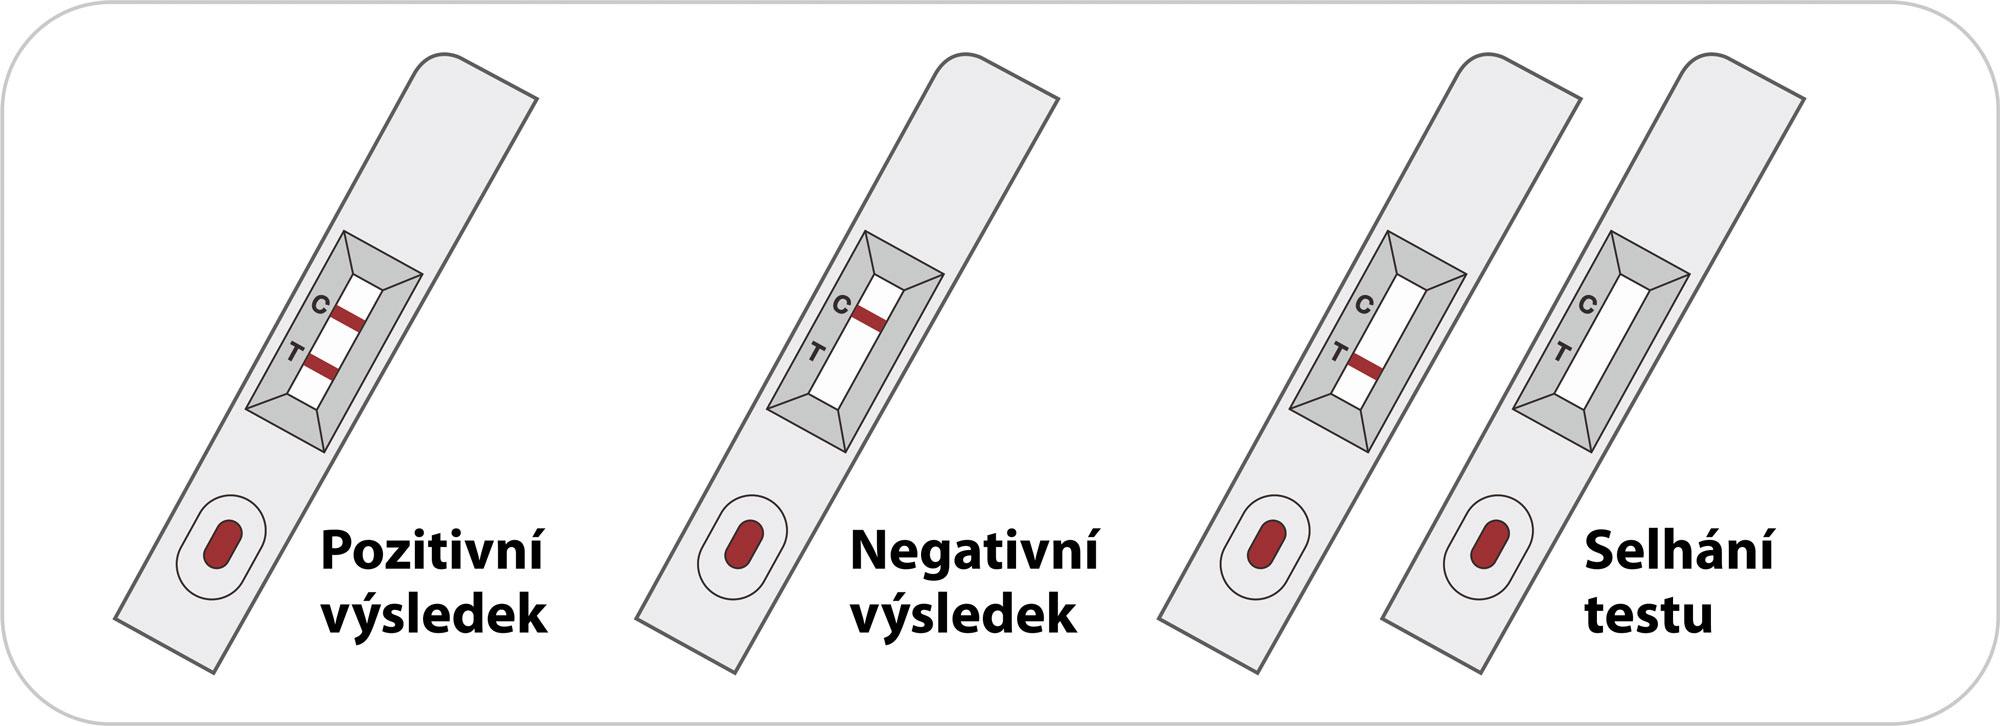 interpretace výsledků testu na COVID-19